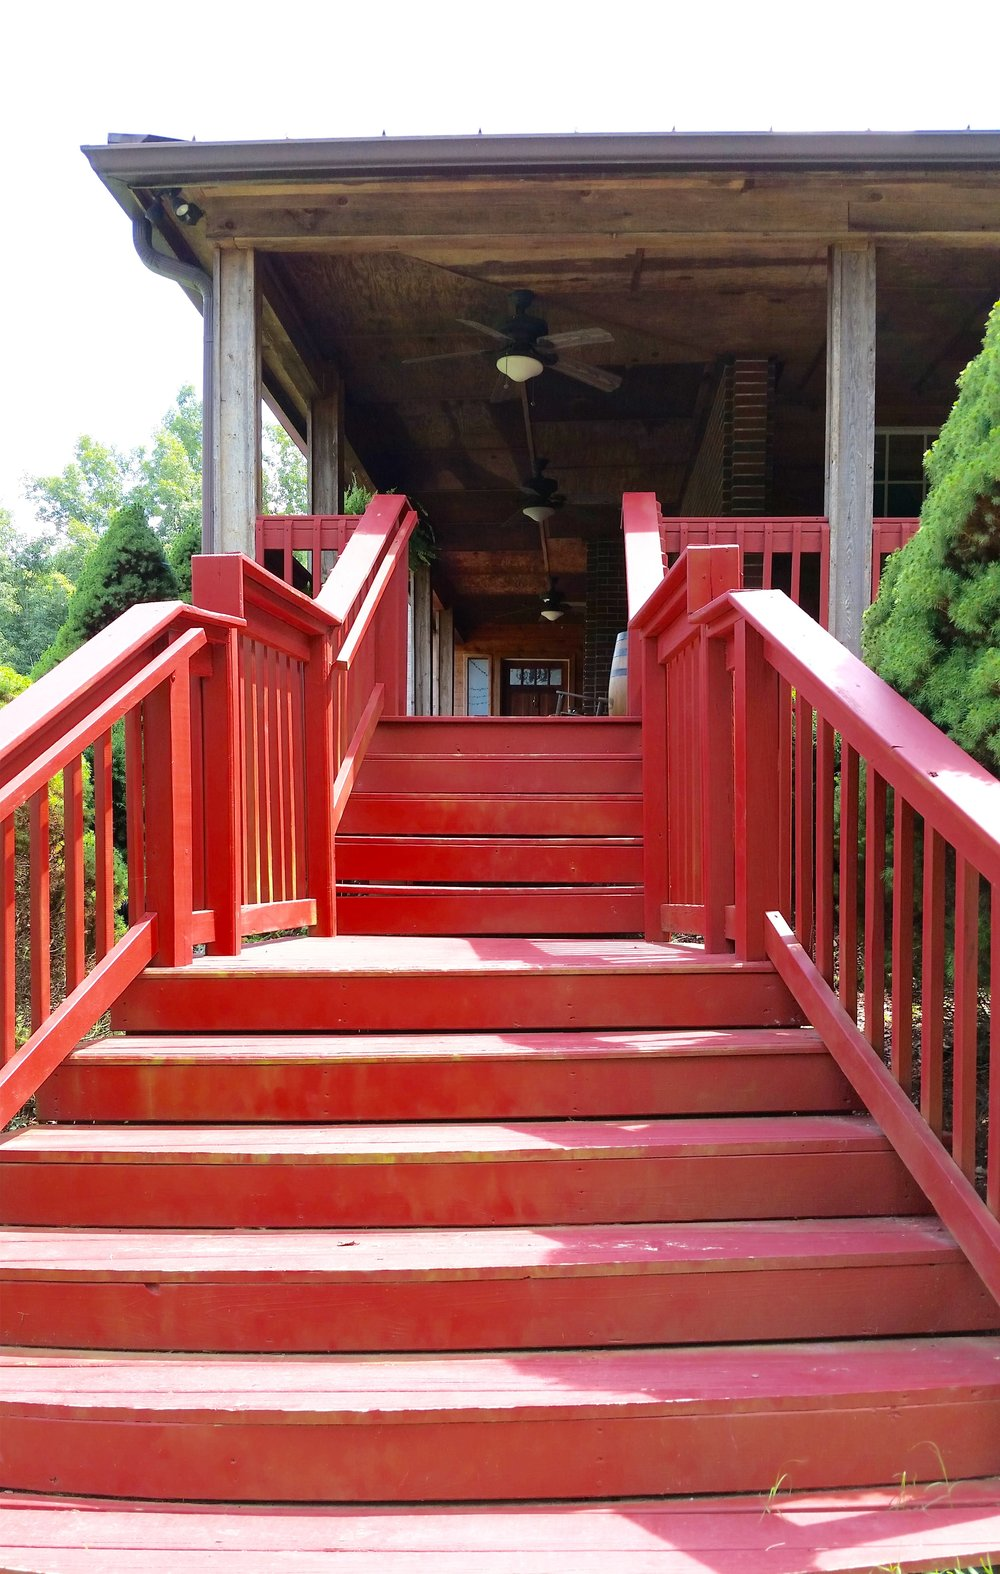 befr stairs up.jpg